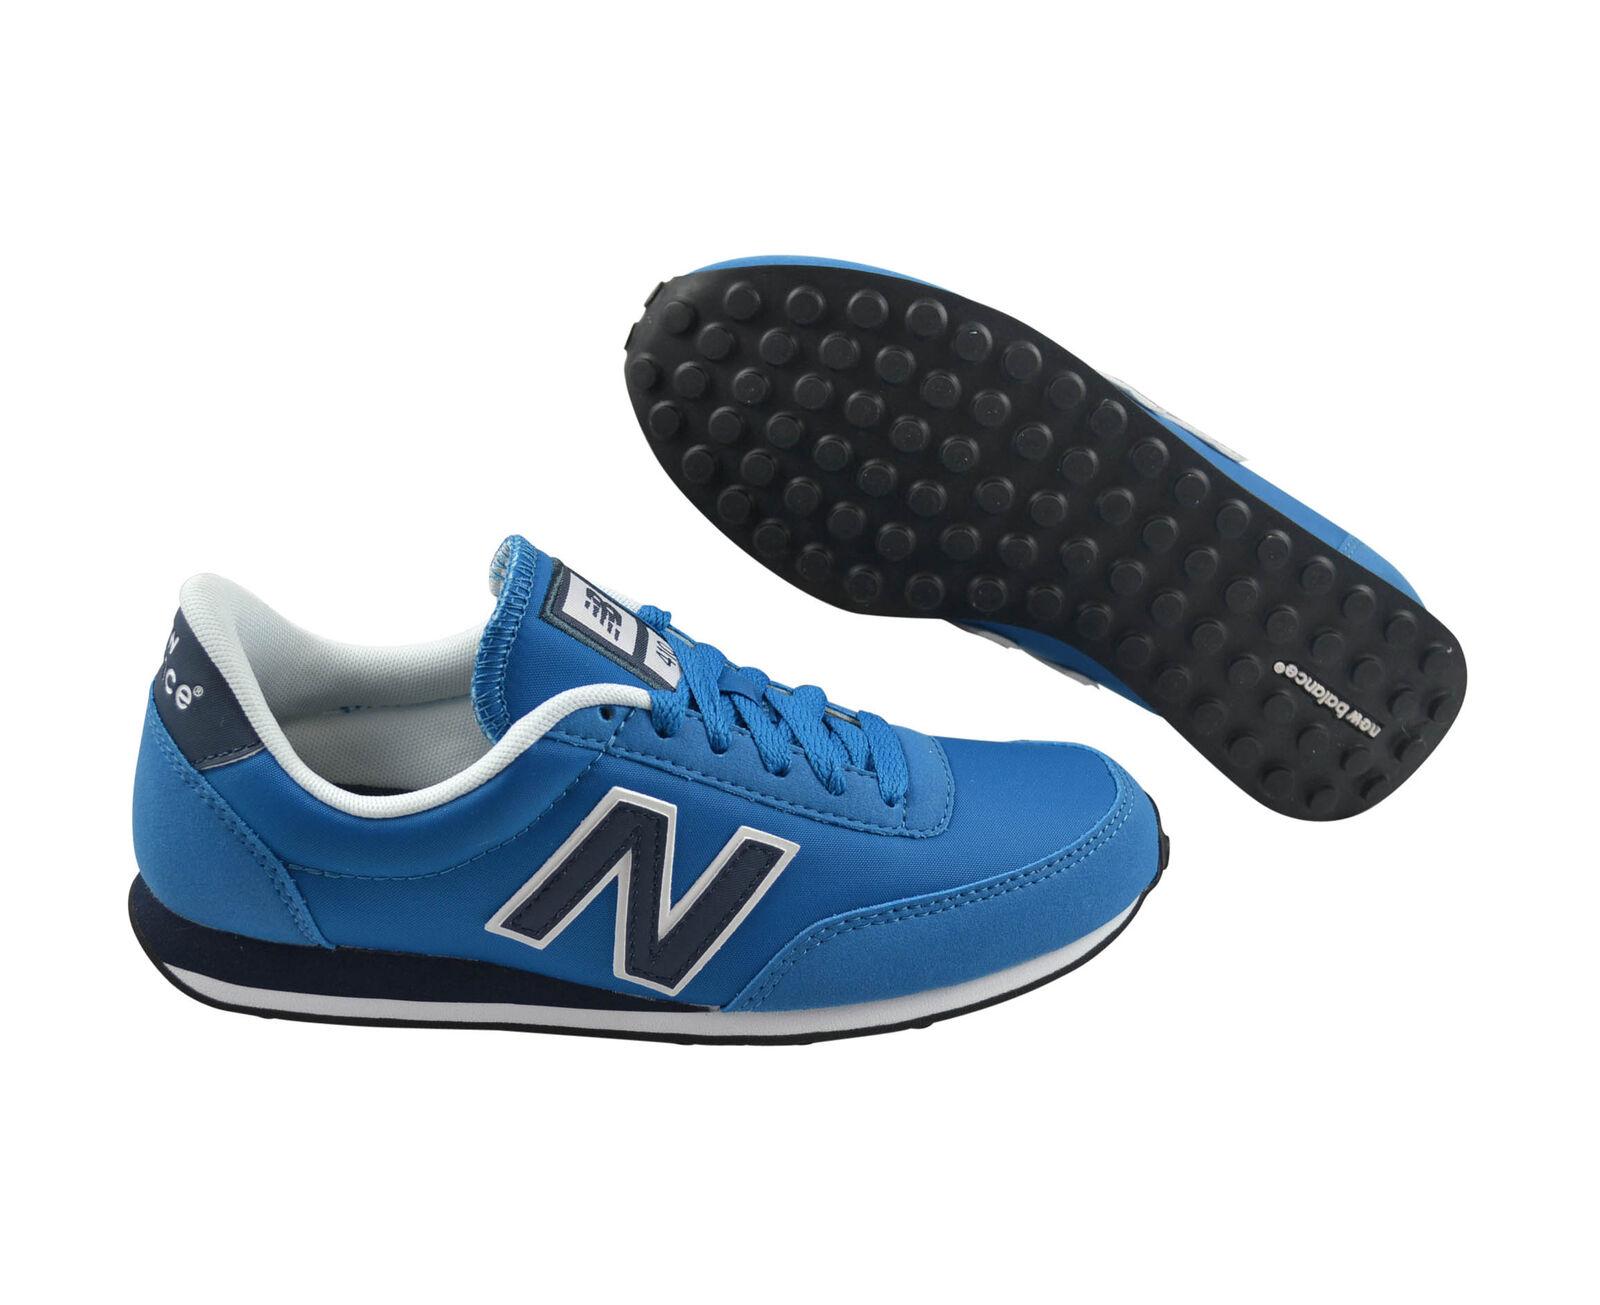 NEW Balance U 410 mnbn blu Scarpe scarpe da ginnastica selezione dimensione  u410 mnbn